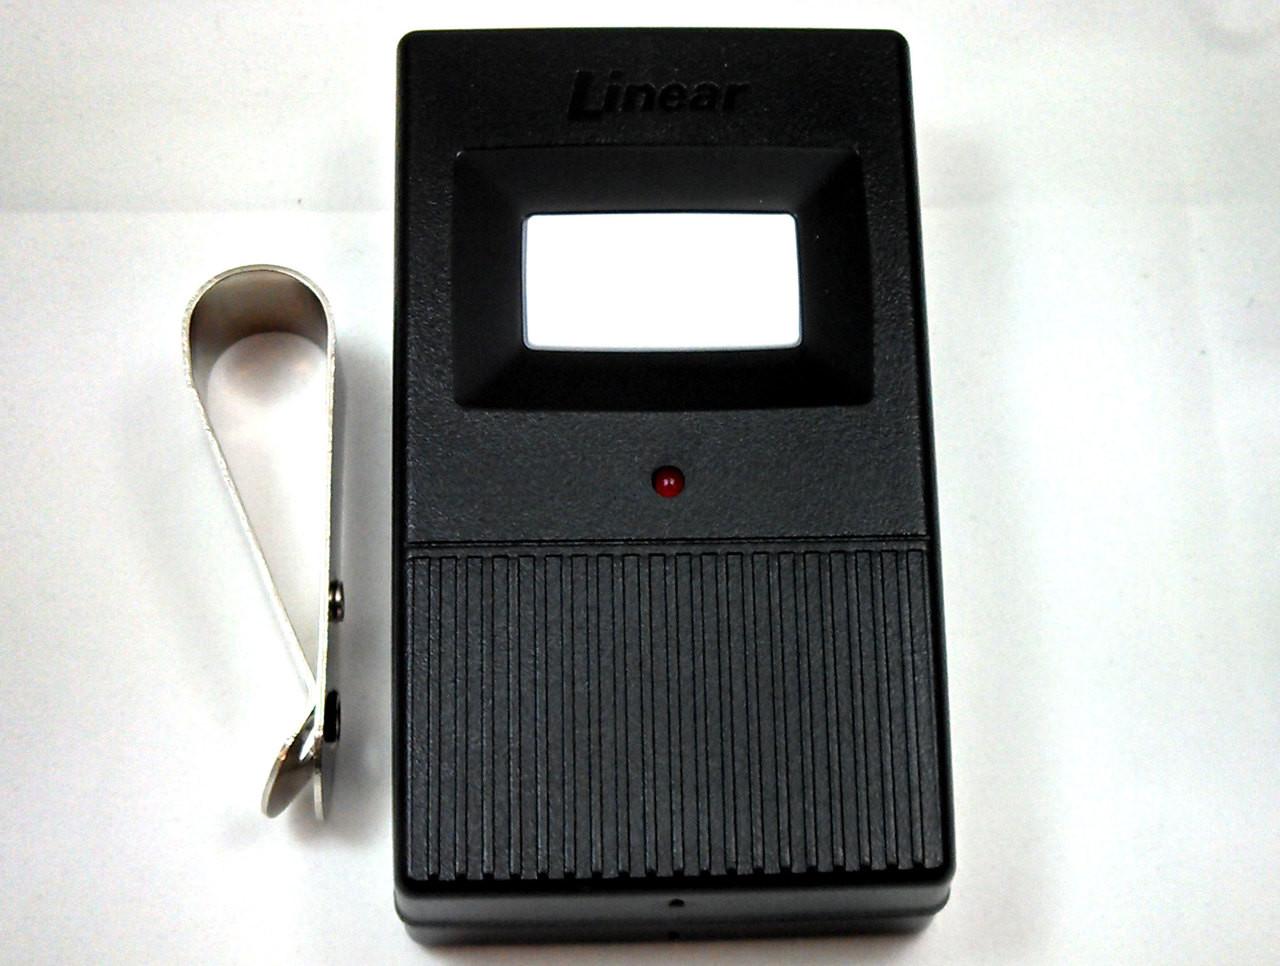 Dt Linear Delta 1 Button Garage Opener Remote 310mhz